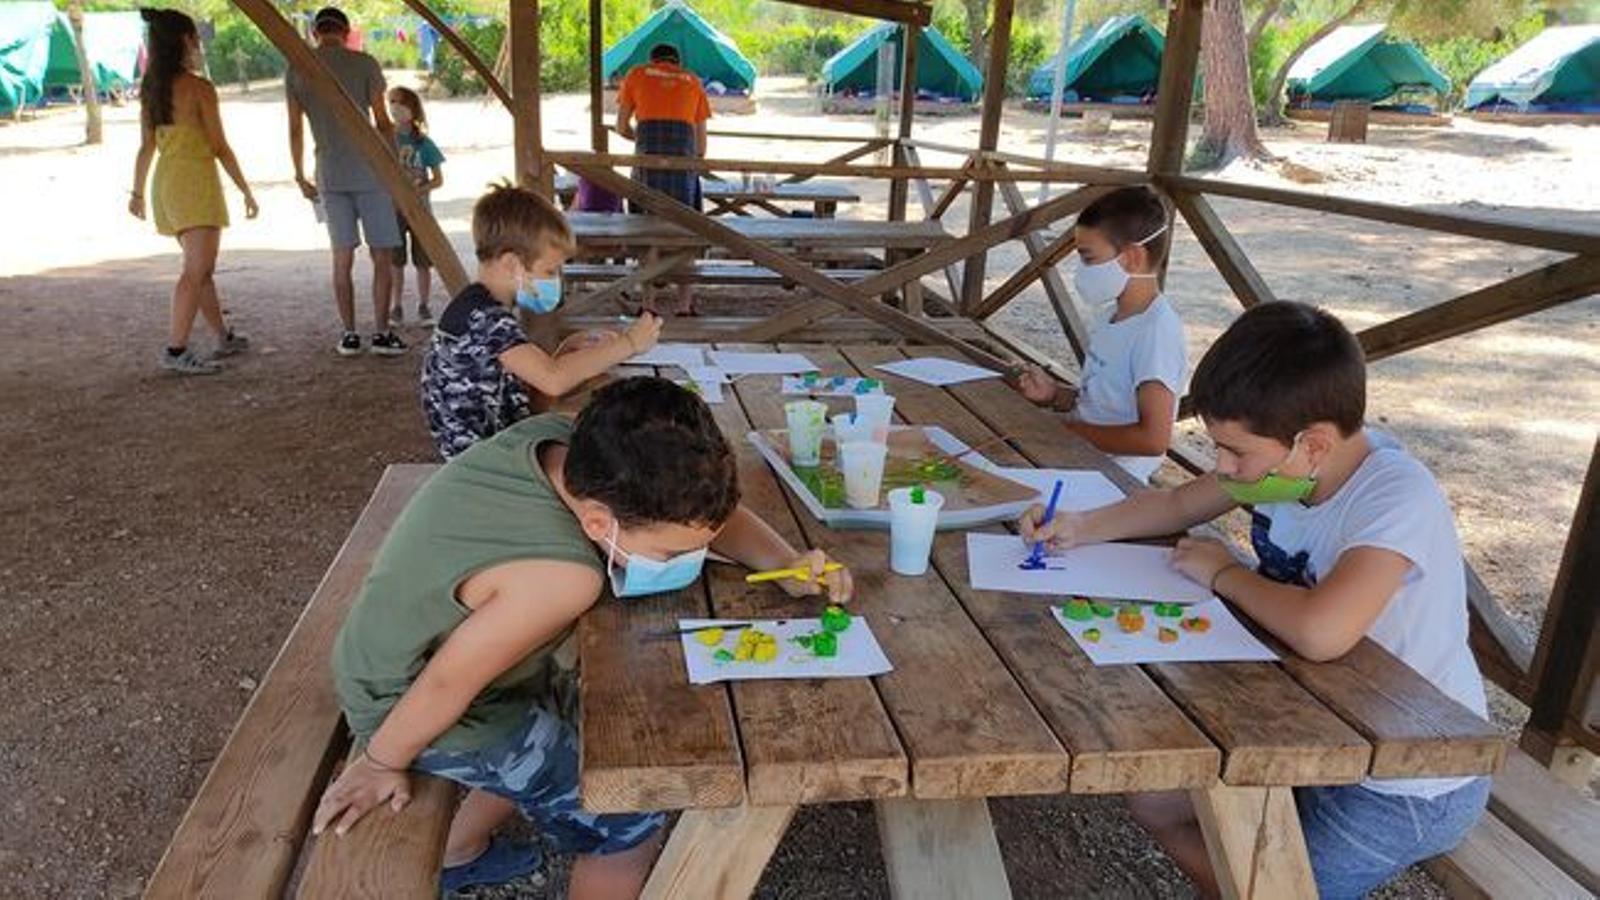 Nins en un campament d'estiu.